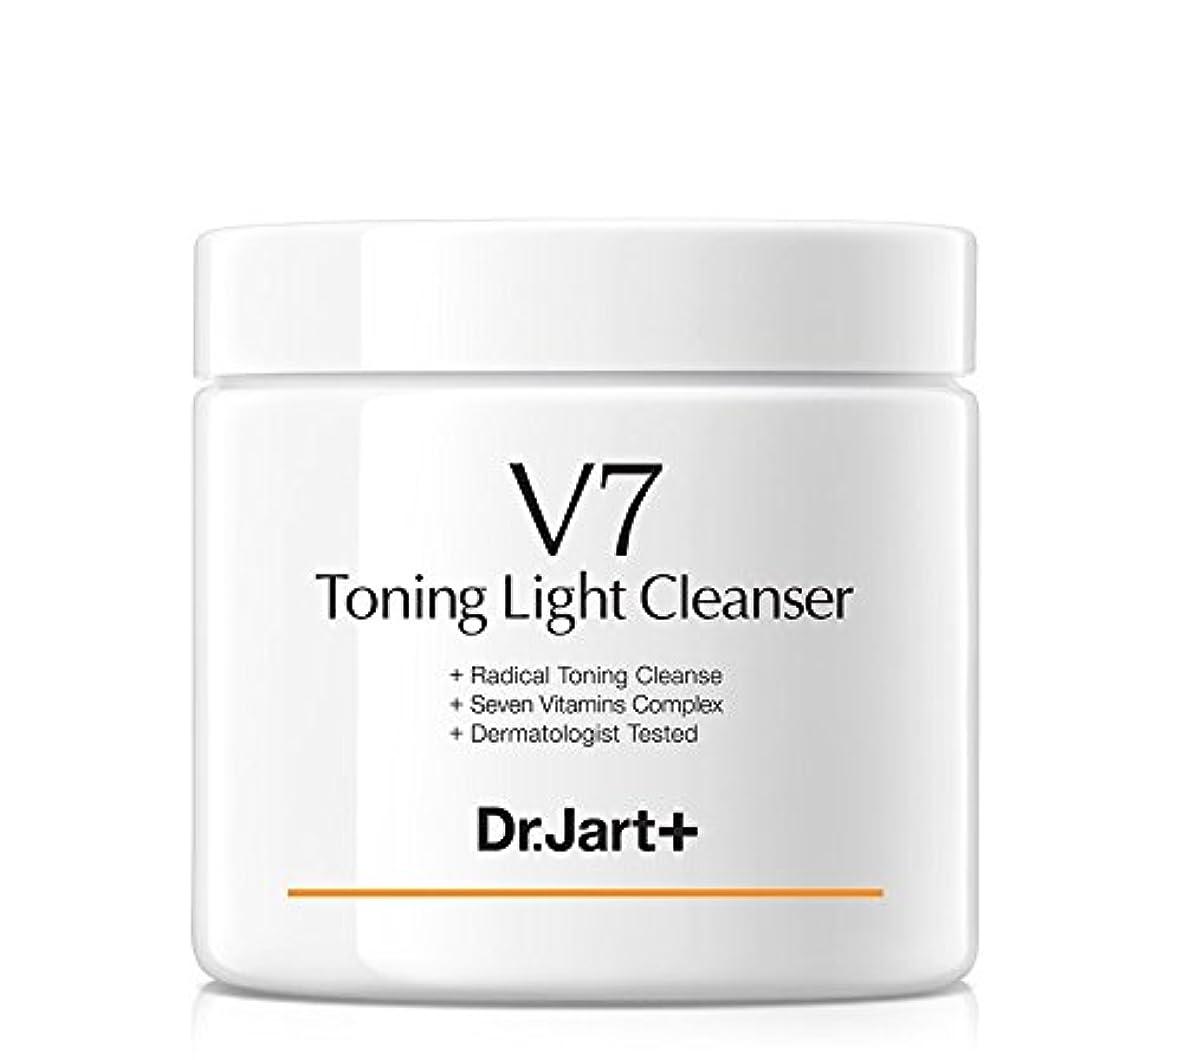 化合物曖昧な目覚めるDr.Jart+ V7 Toning Light Cleanser 100ml/ドクタージャルト V7 トーニング ライト クレンザー 100ml [並行輸入品]